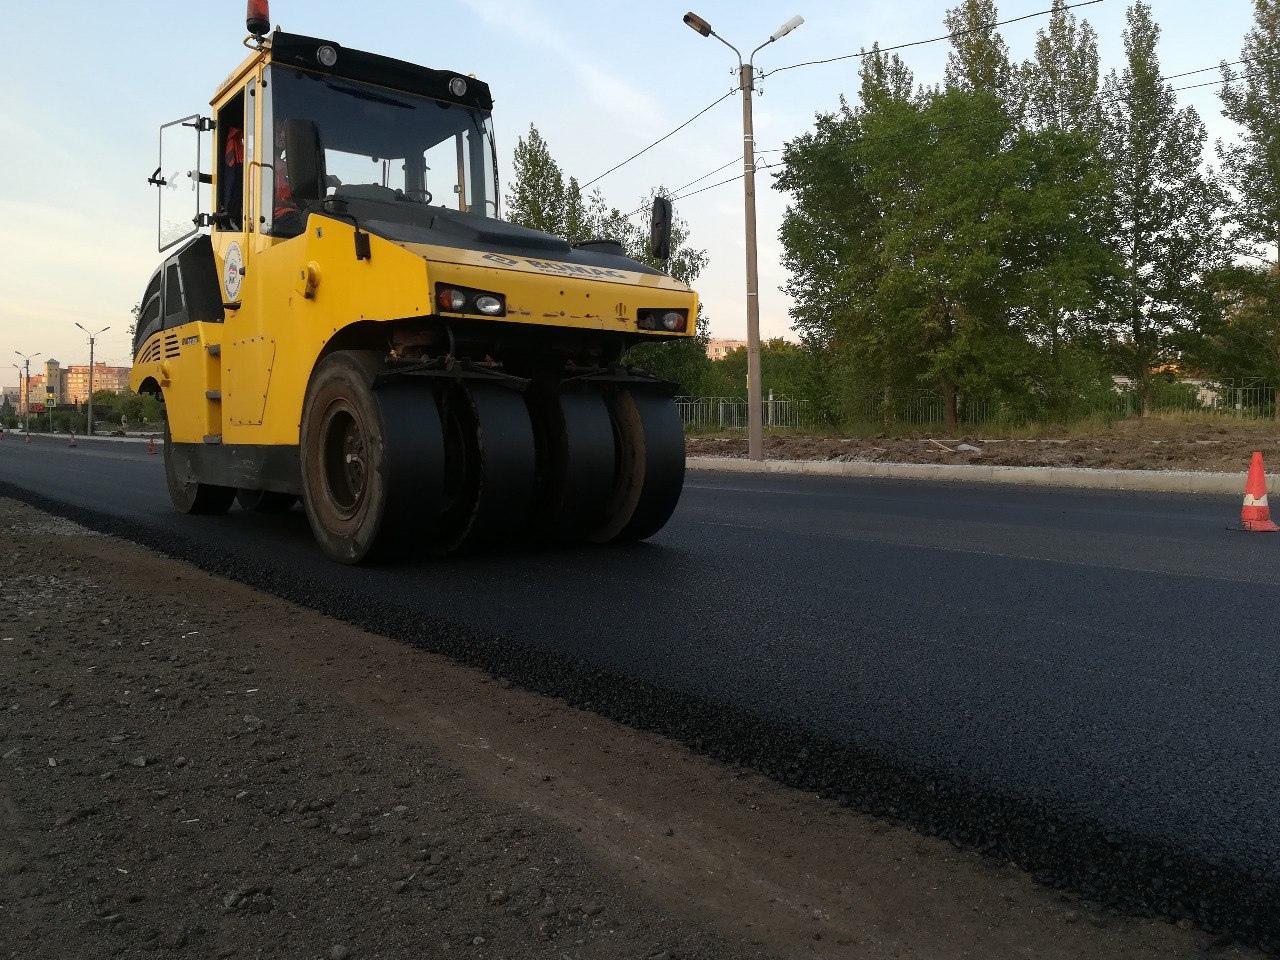 Дорогу Рє Биофабрике оставили неухоженной #Новости #Общество #Омск